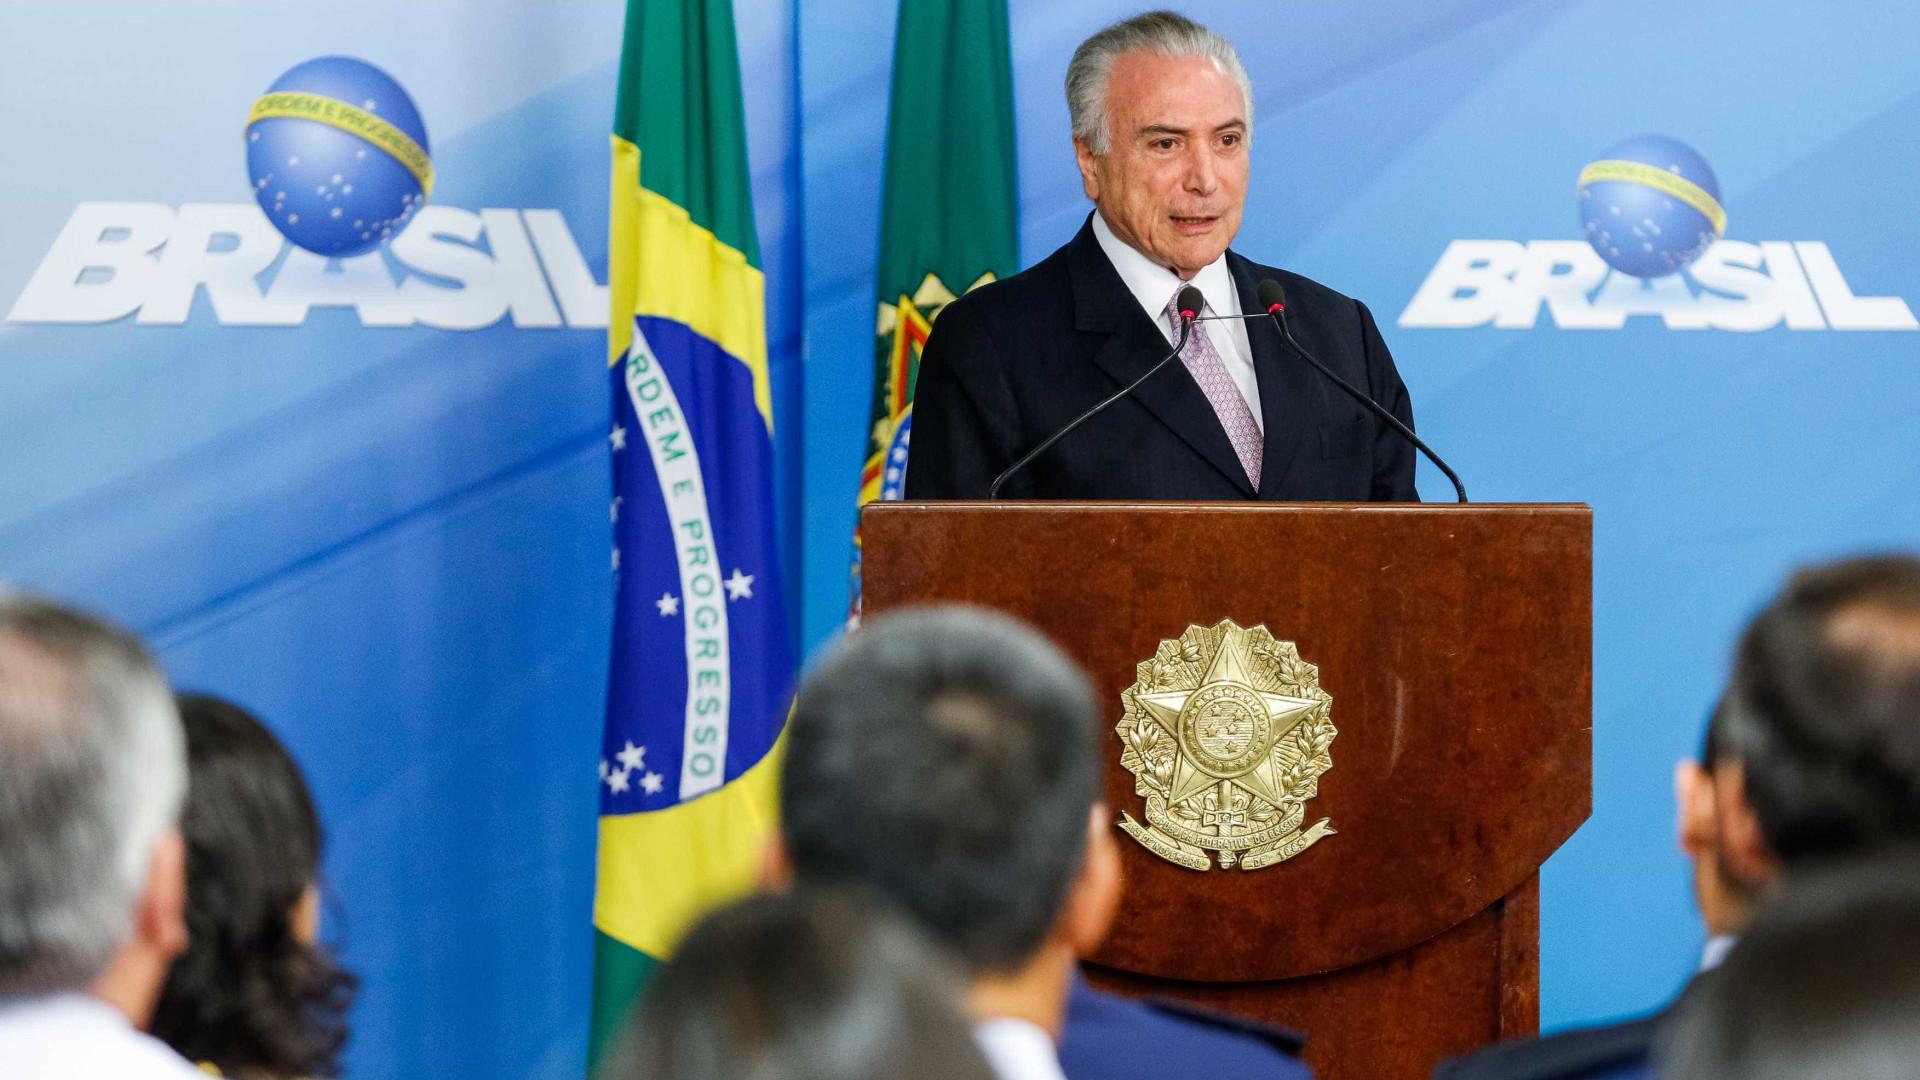 Publicações internacionais  repercutem crise política no Brasil